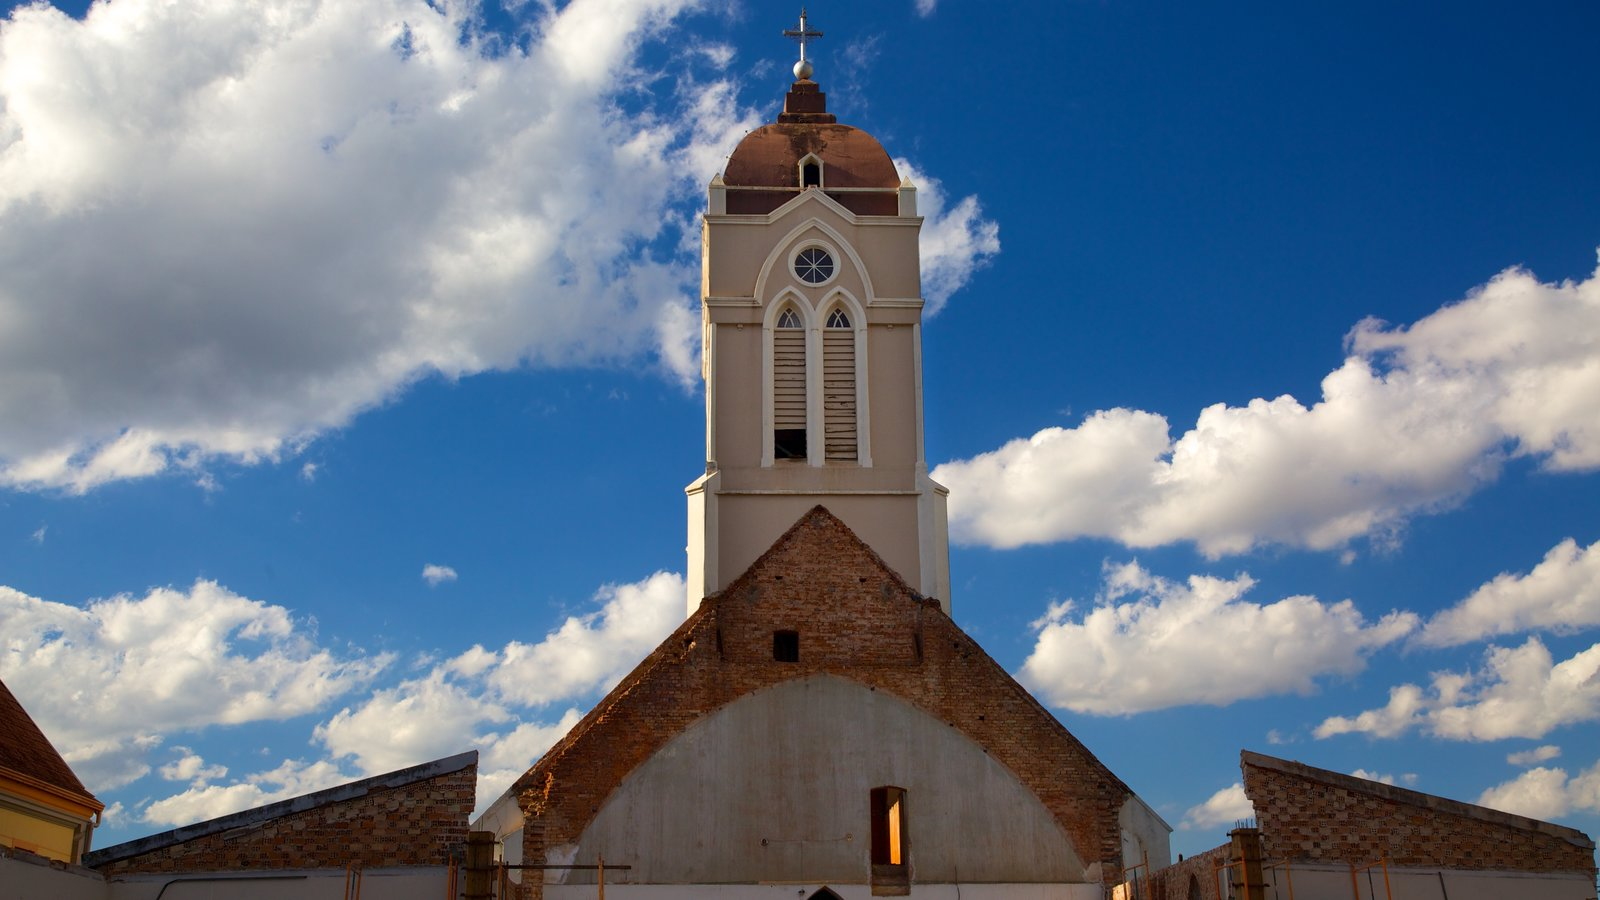 Catedral de São João Batista caracterizando elementos religiosos, uma igreja ou catedral e uma cidade pequena ou vila